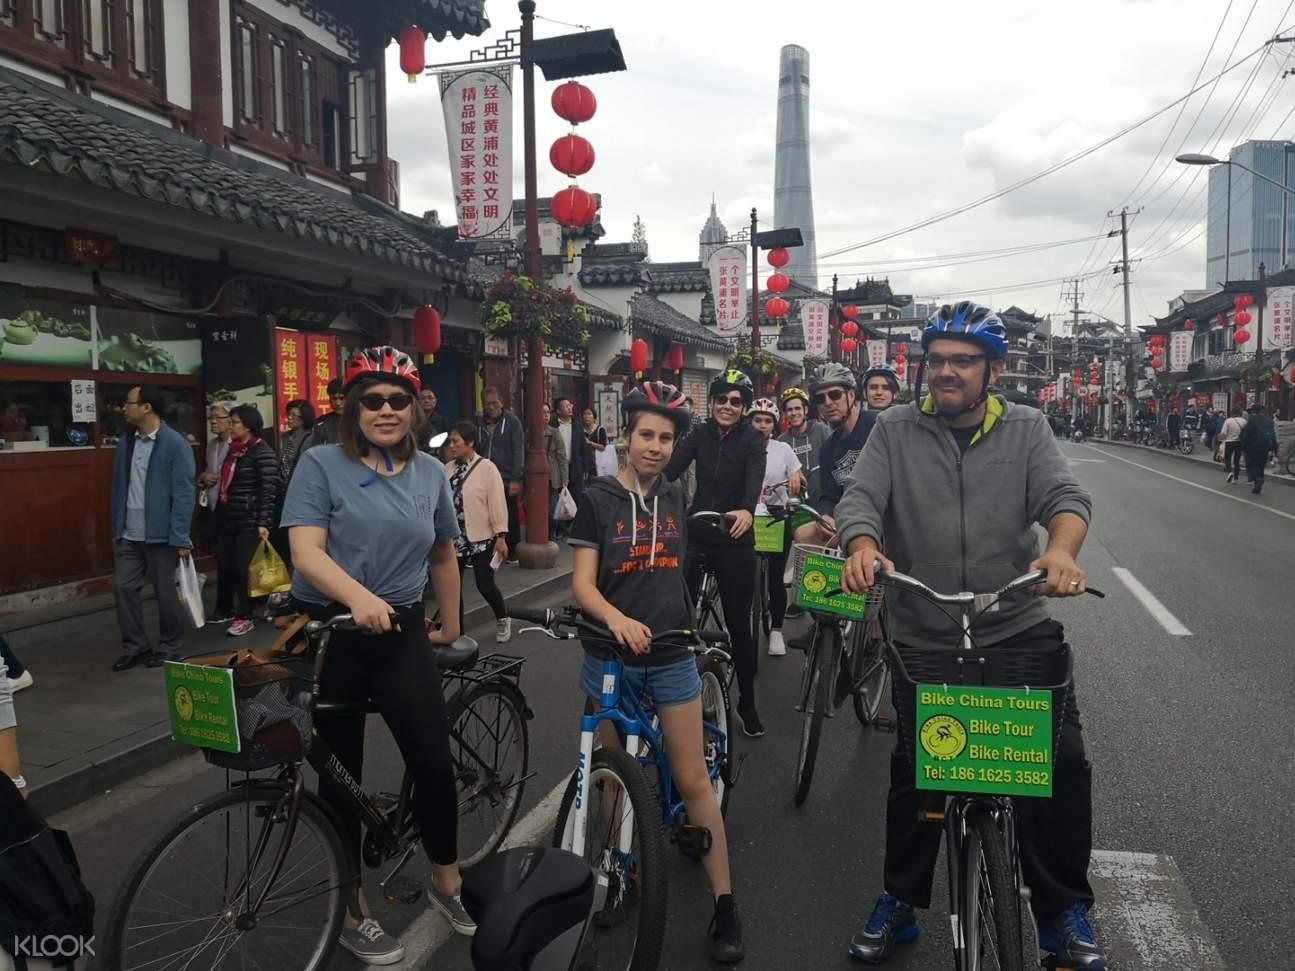 people biking in shanghai streets